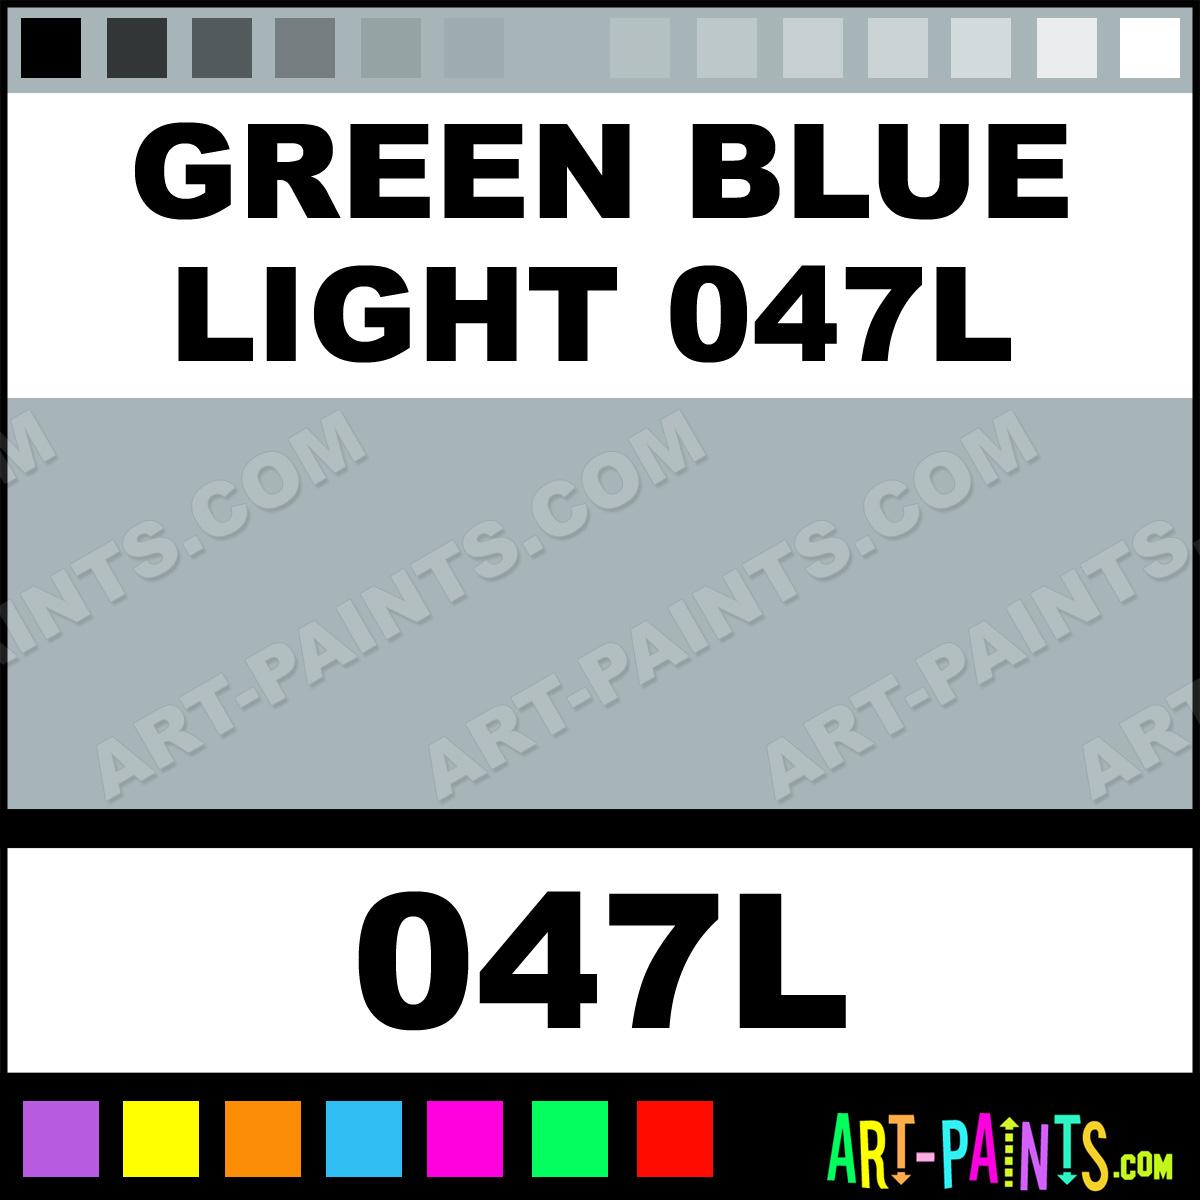 Green blue light 047l soft form pastel paints 047l Light pastel green paint